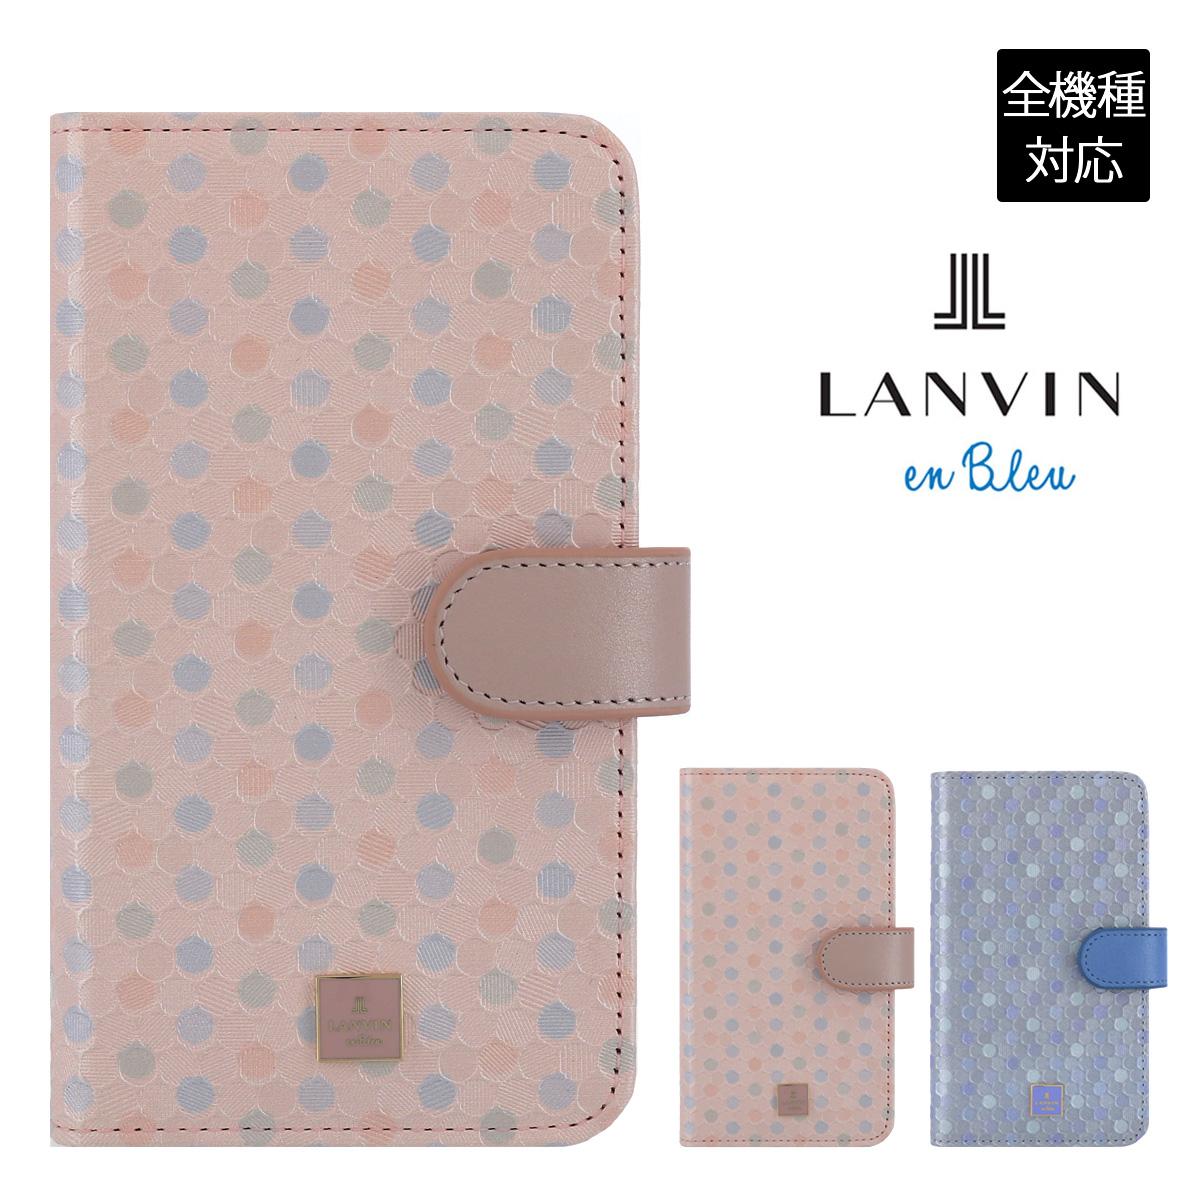 ランバンオンブルー iPhoneケース マルチ対応 レポワン レディース 482224 LANVIN en Bleu | スマートフォンケース 手帳型 全機種対応 ブランド専用BOX付き 本革 レザー [即日発送][bef]